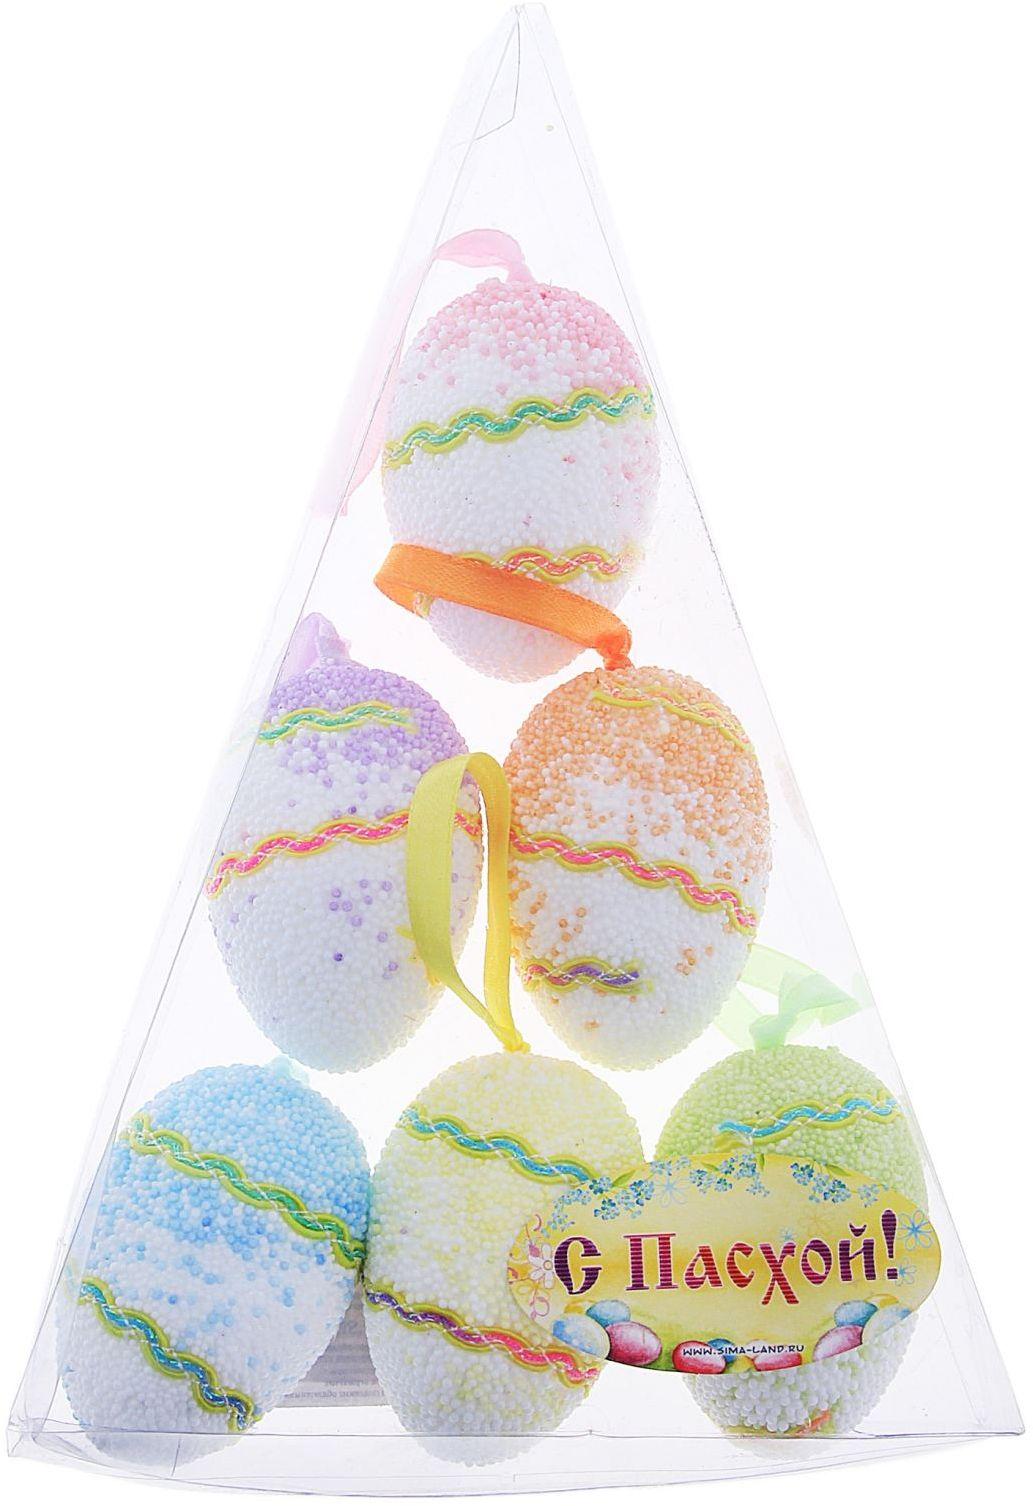 Сувенир пасхальный Яйцо. Посыпка Микс Спираль, 4 х 4 х 6 см, 6 шт. 114772114772Яйцо - это главный пасхальный символ, который символизирует для христиан новую жизнь и возрождение, поэтому его присутствие на праздничном столе является обязательным элементом во многих странах. Сегодня крашеными яйцами принято не только украшать праздничный стол.